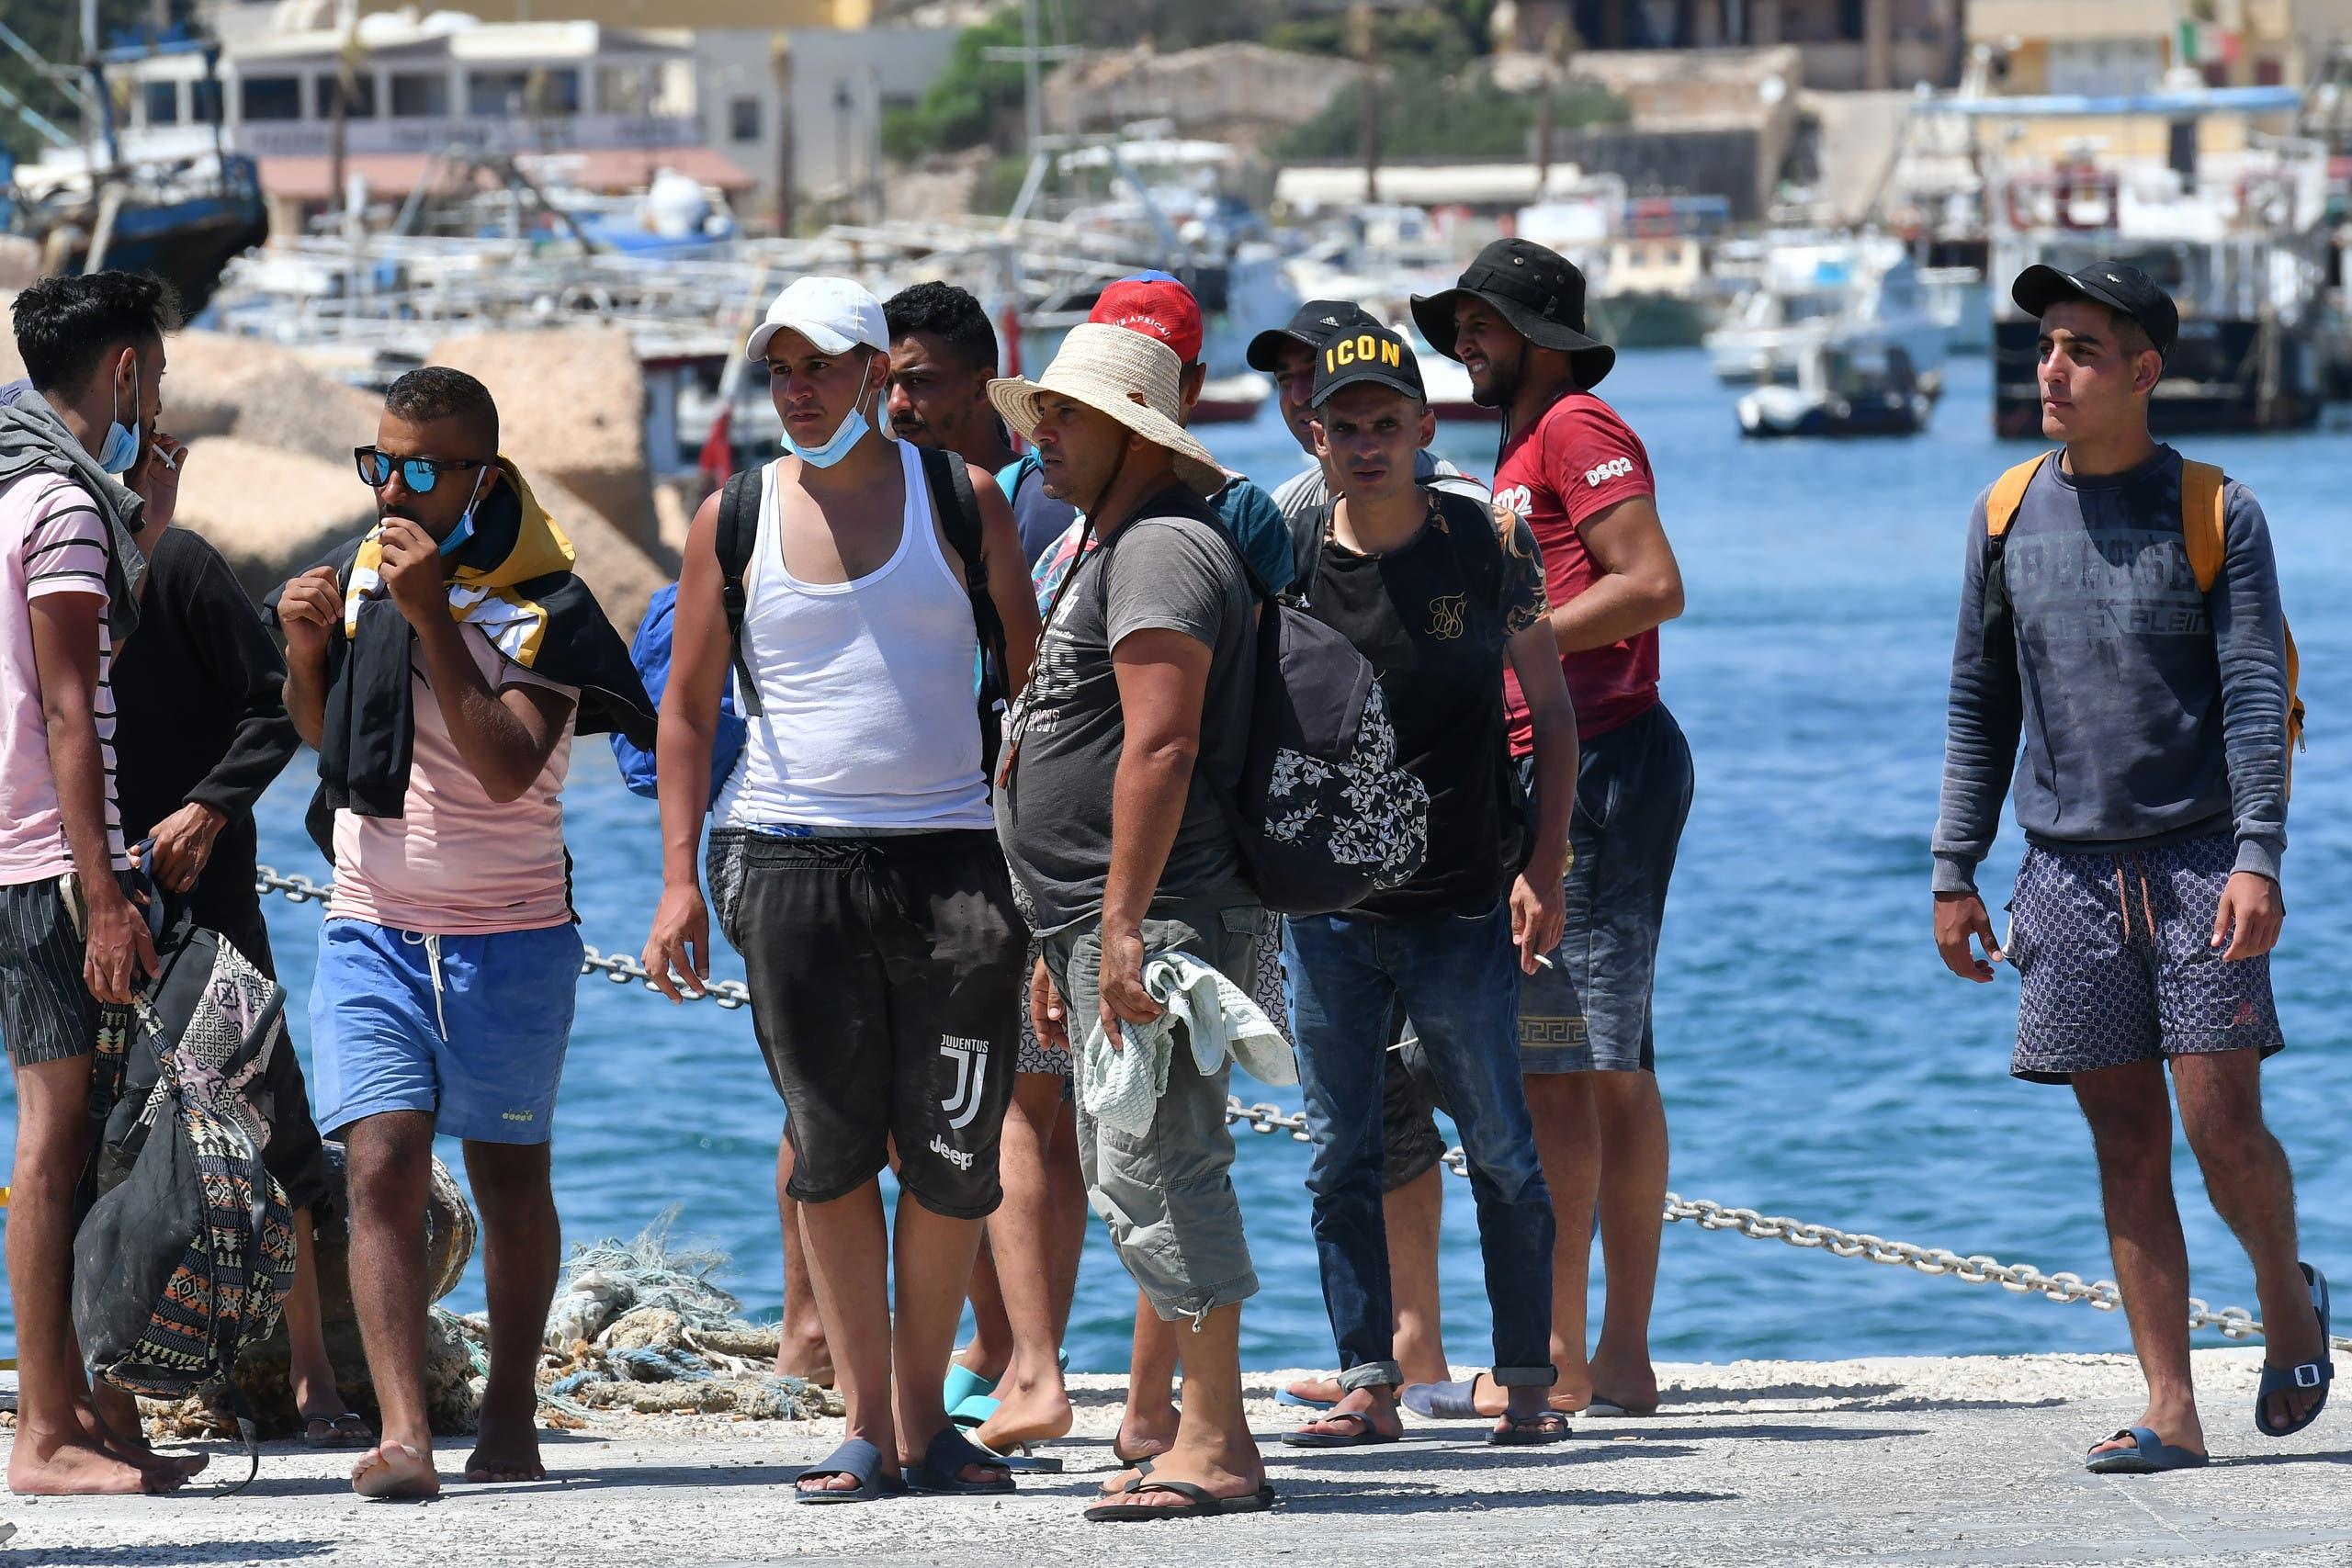 وصول مهاجرين من تونس إلى جزيرة لاميدوزا في أغسطس الماضي